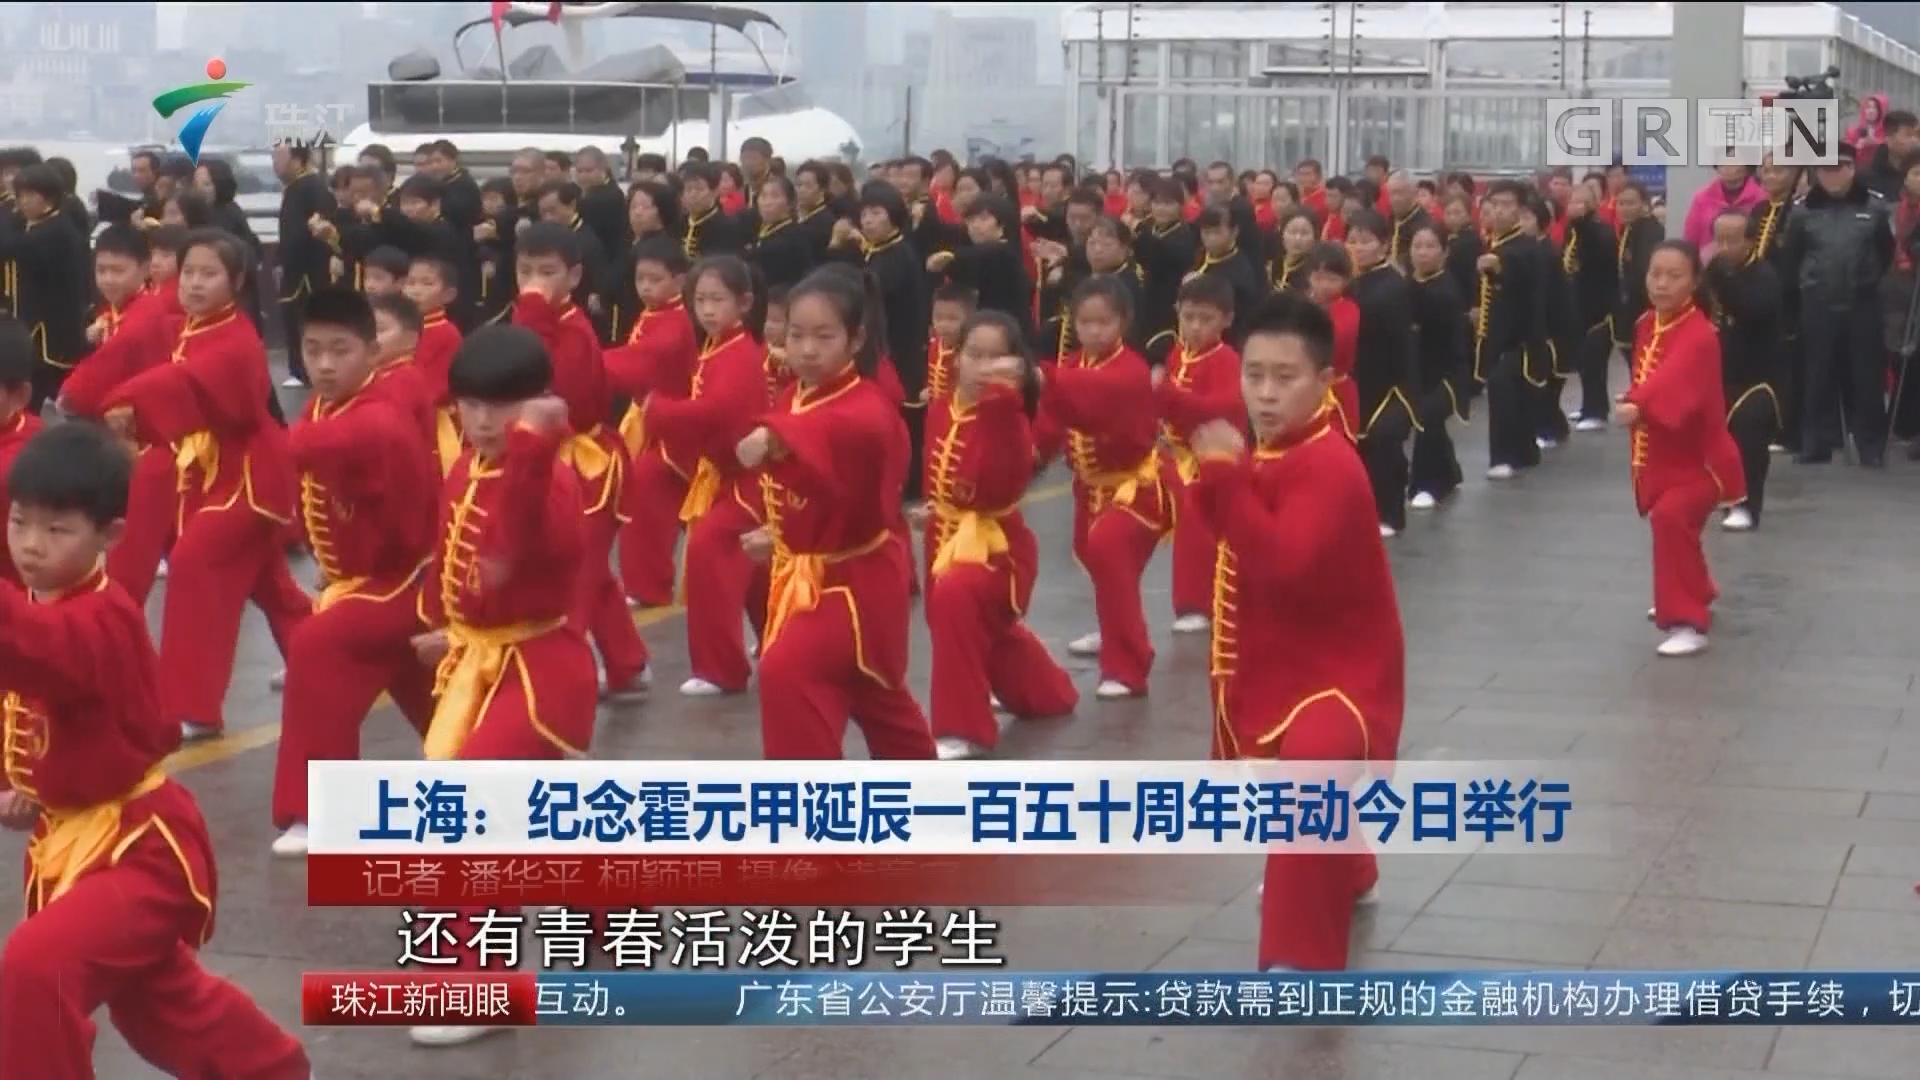 上海:纪念霍元甲诞辰一百五十周年活动今日举行